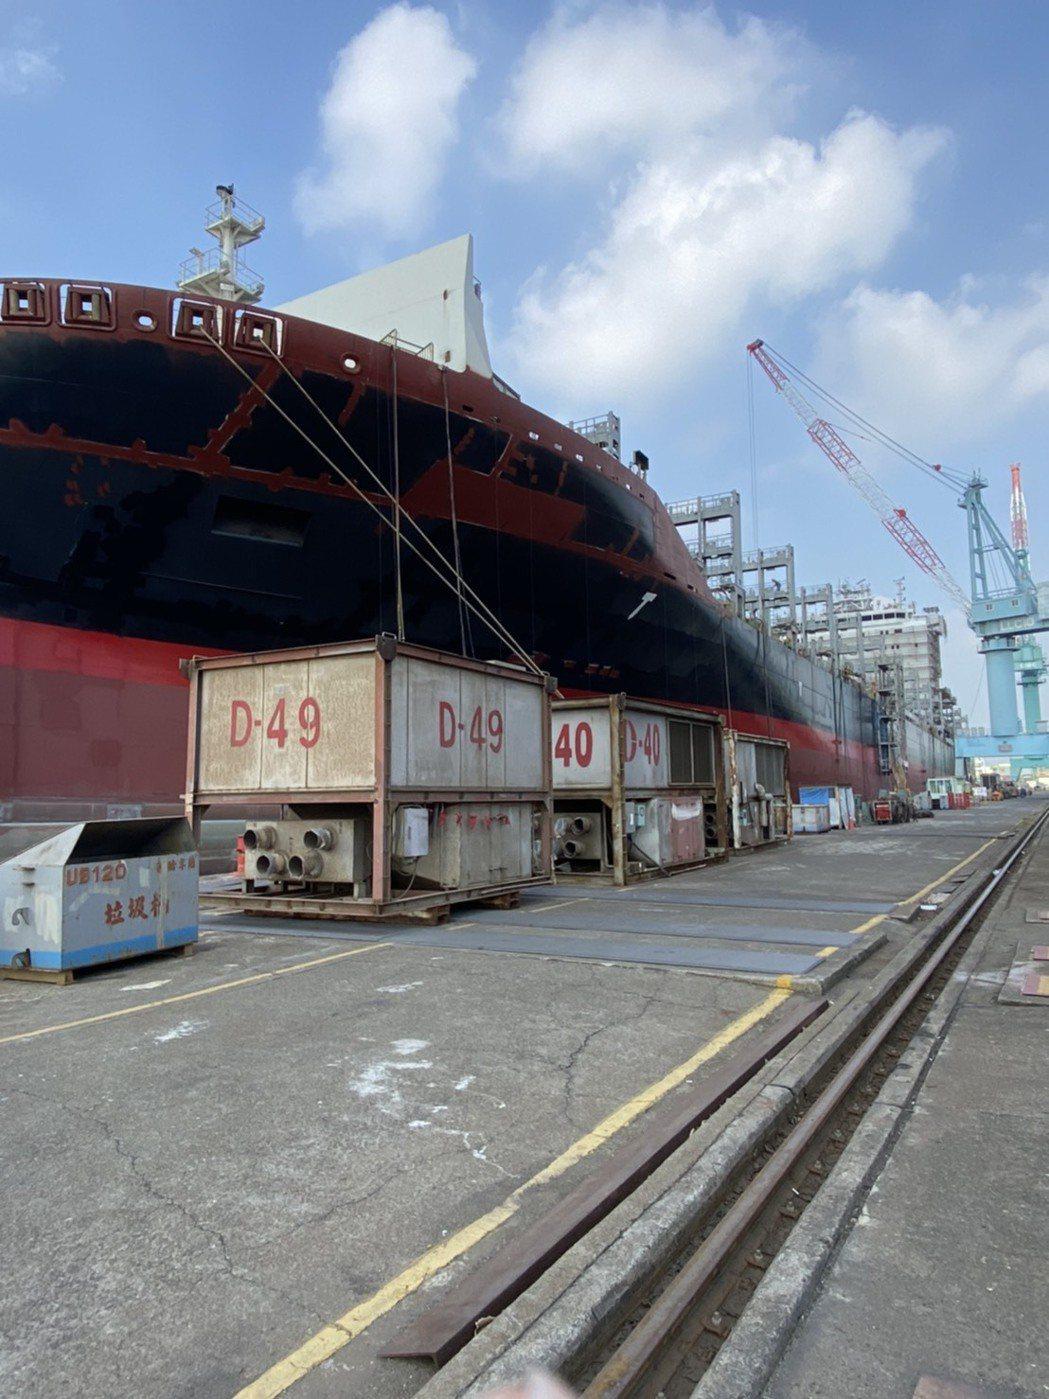 高雄港的台船碼頭昨天下午傳出包商進行焊接突氣爆,1死1傷。記者林伯驊/翻攝